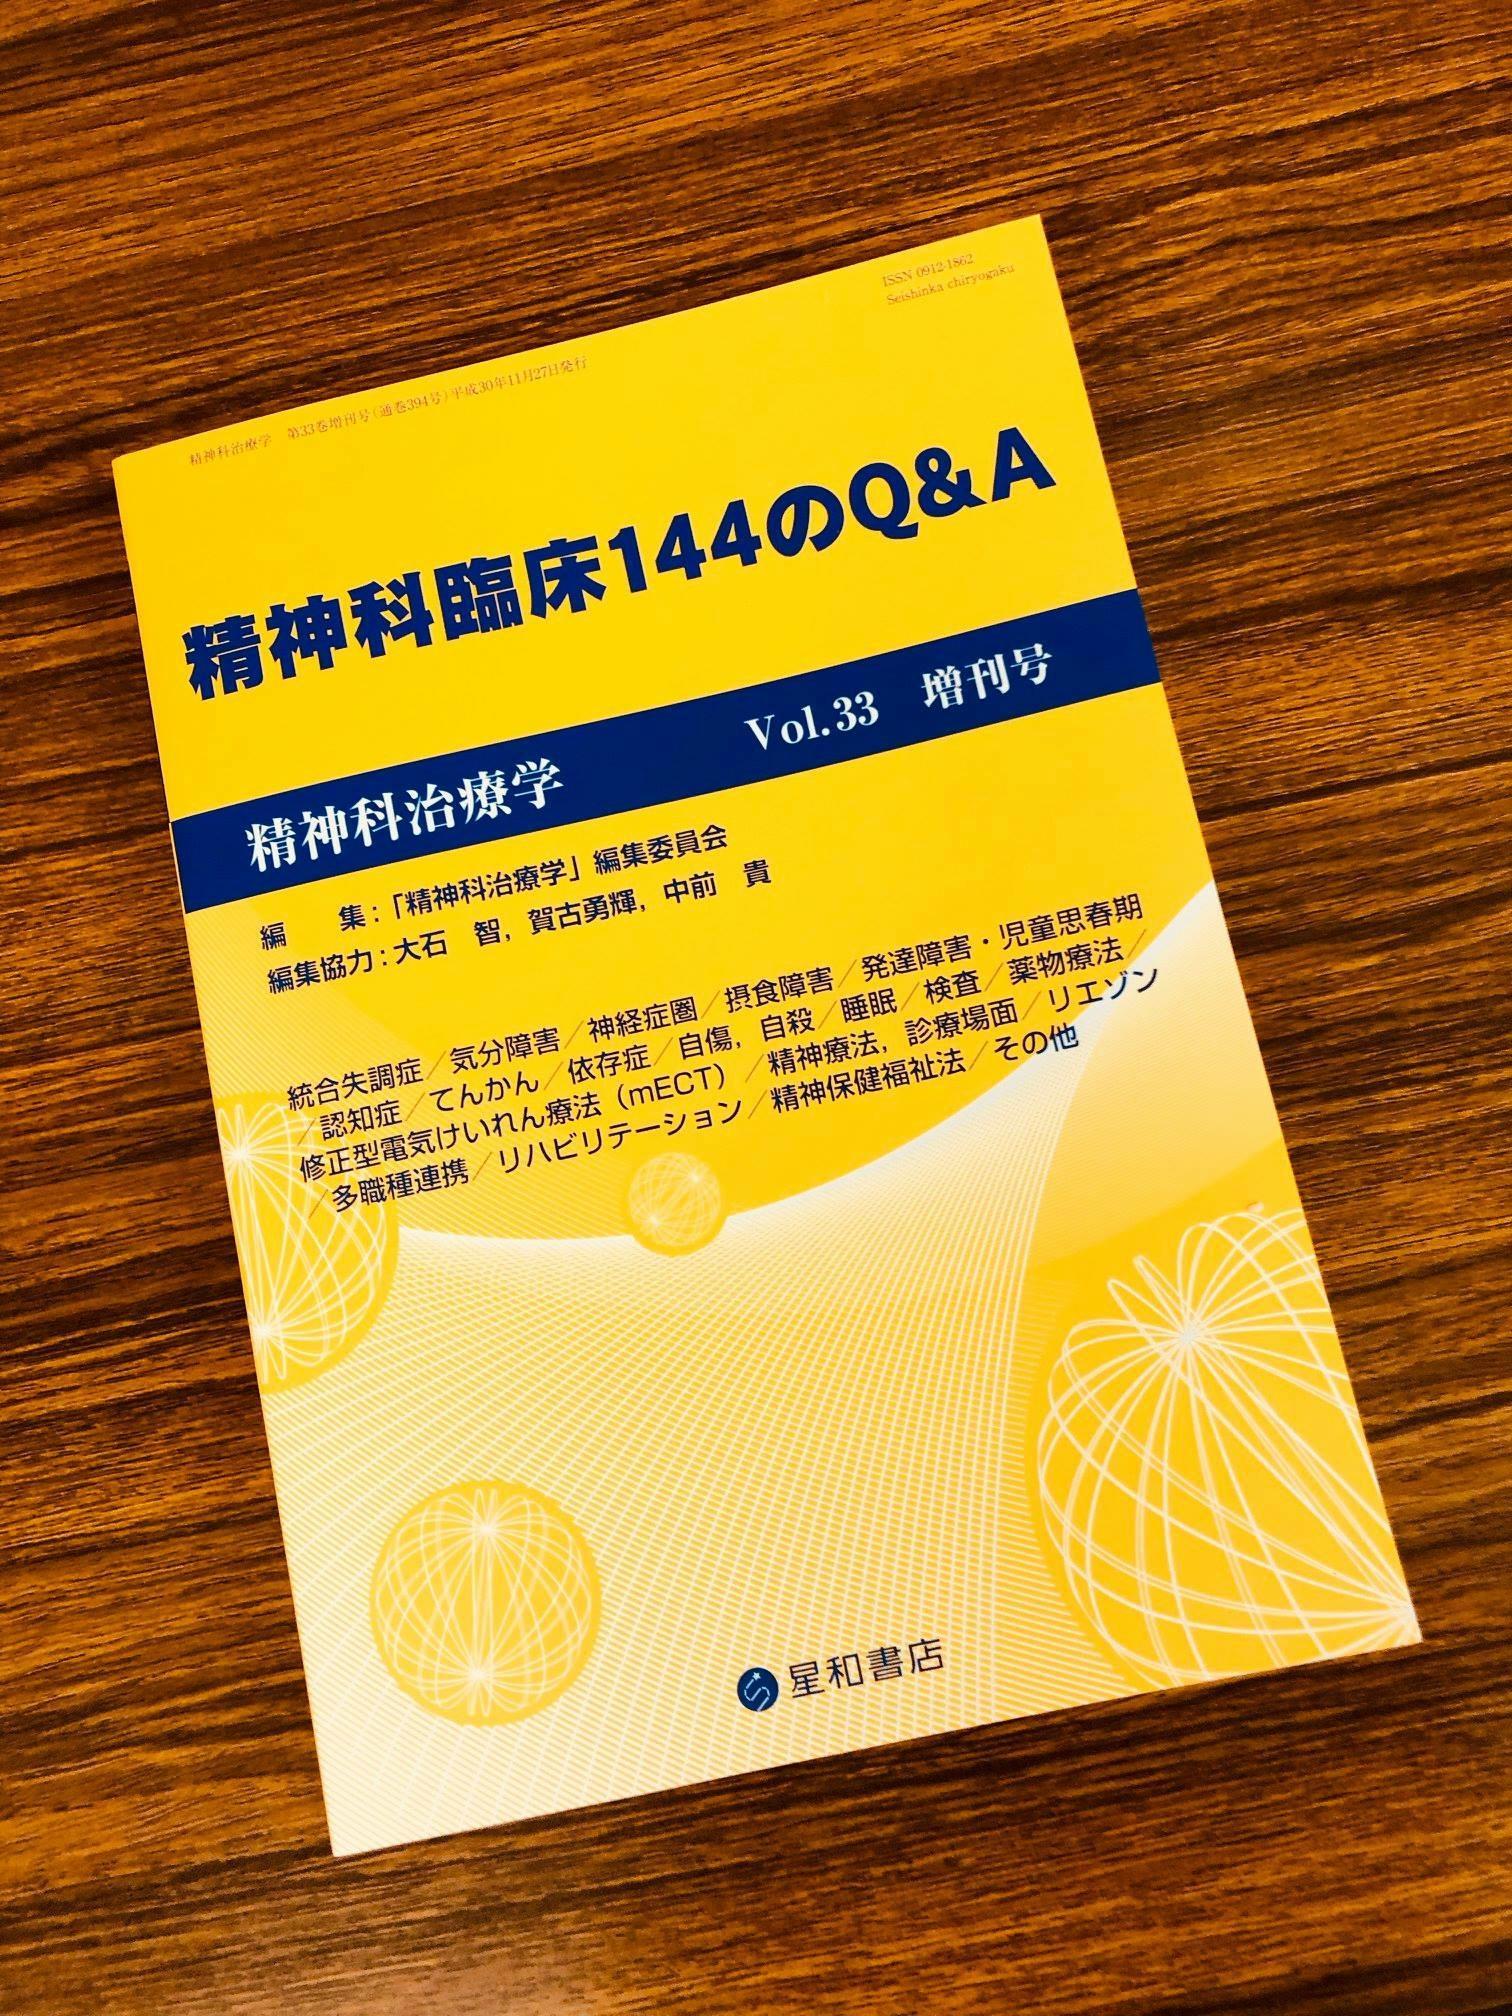 4A8318EA-A63A-4781-AEA2-EDD3662CB8BC.jpeg